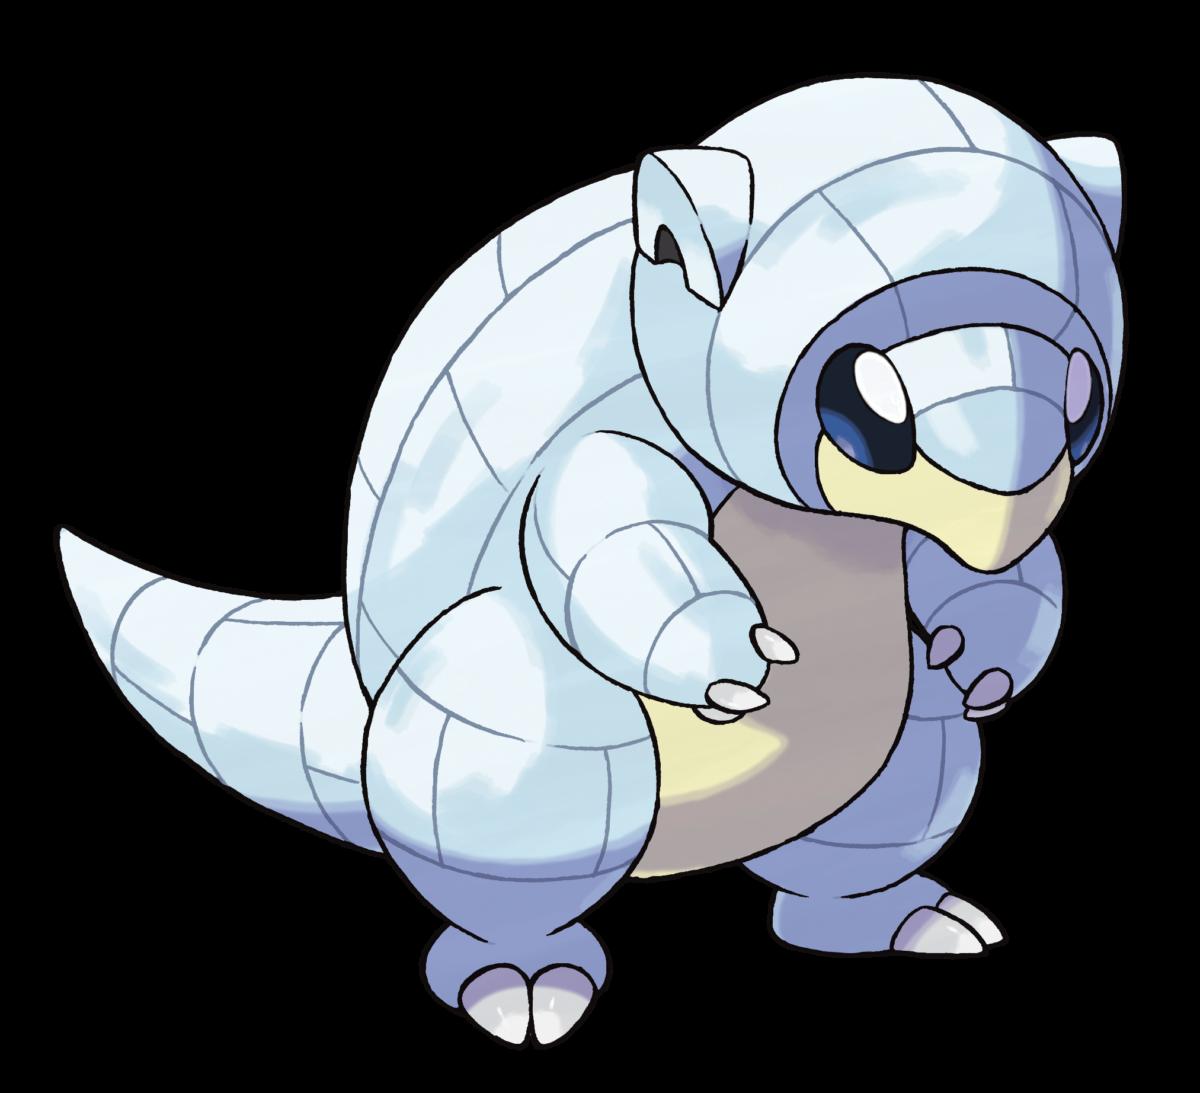 Alolan Sandshrew (Ice/Steel) | Pokémon Sun & Moon | Pinterest …